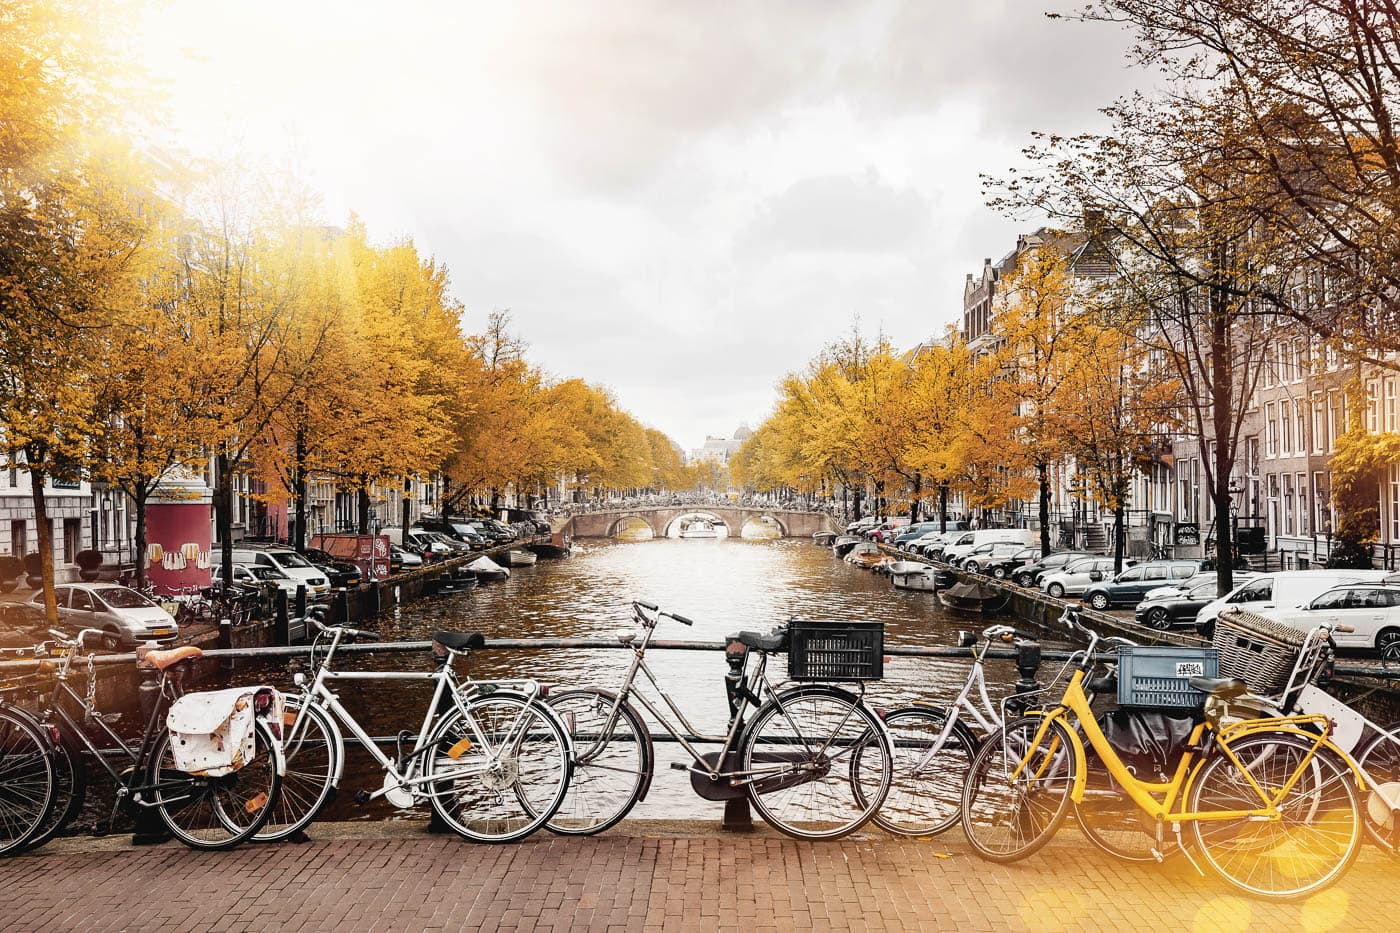 Herbst in Amsterdam, Blick auf eine Gracht mit Fahrrädern im Vordergrund